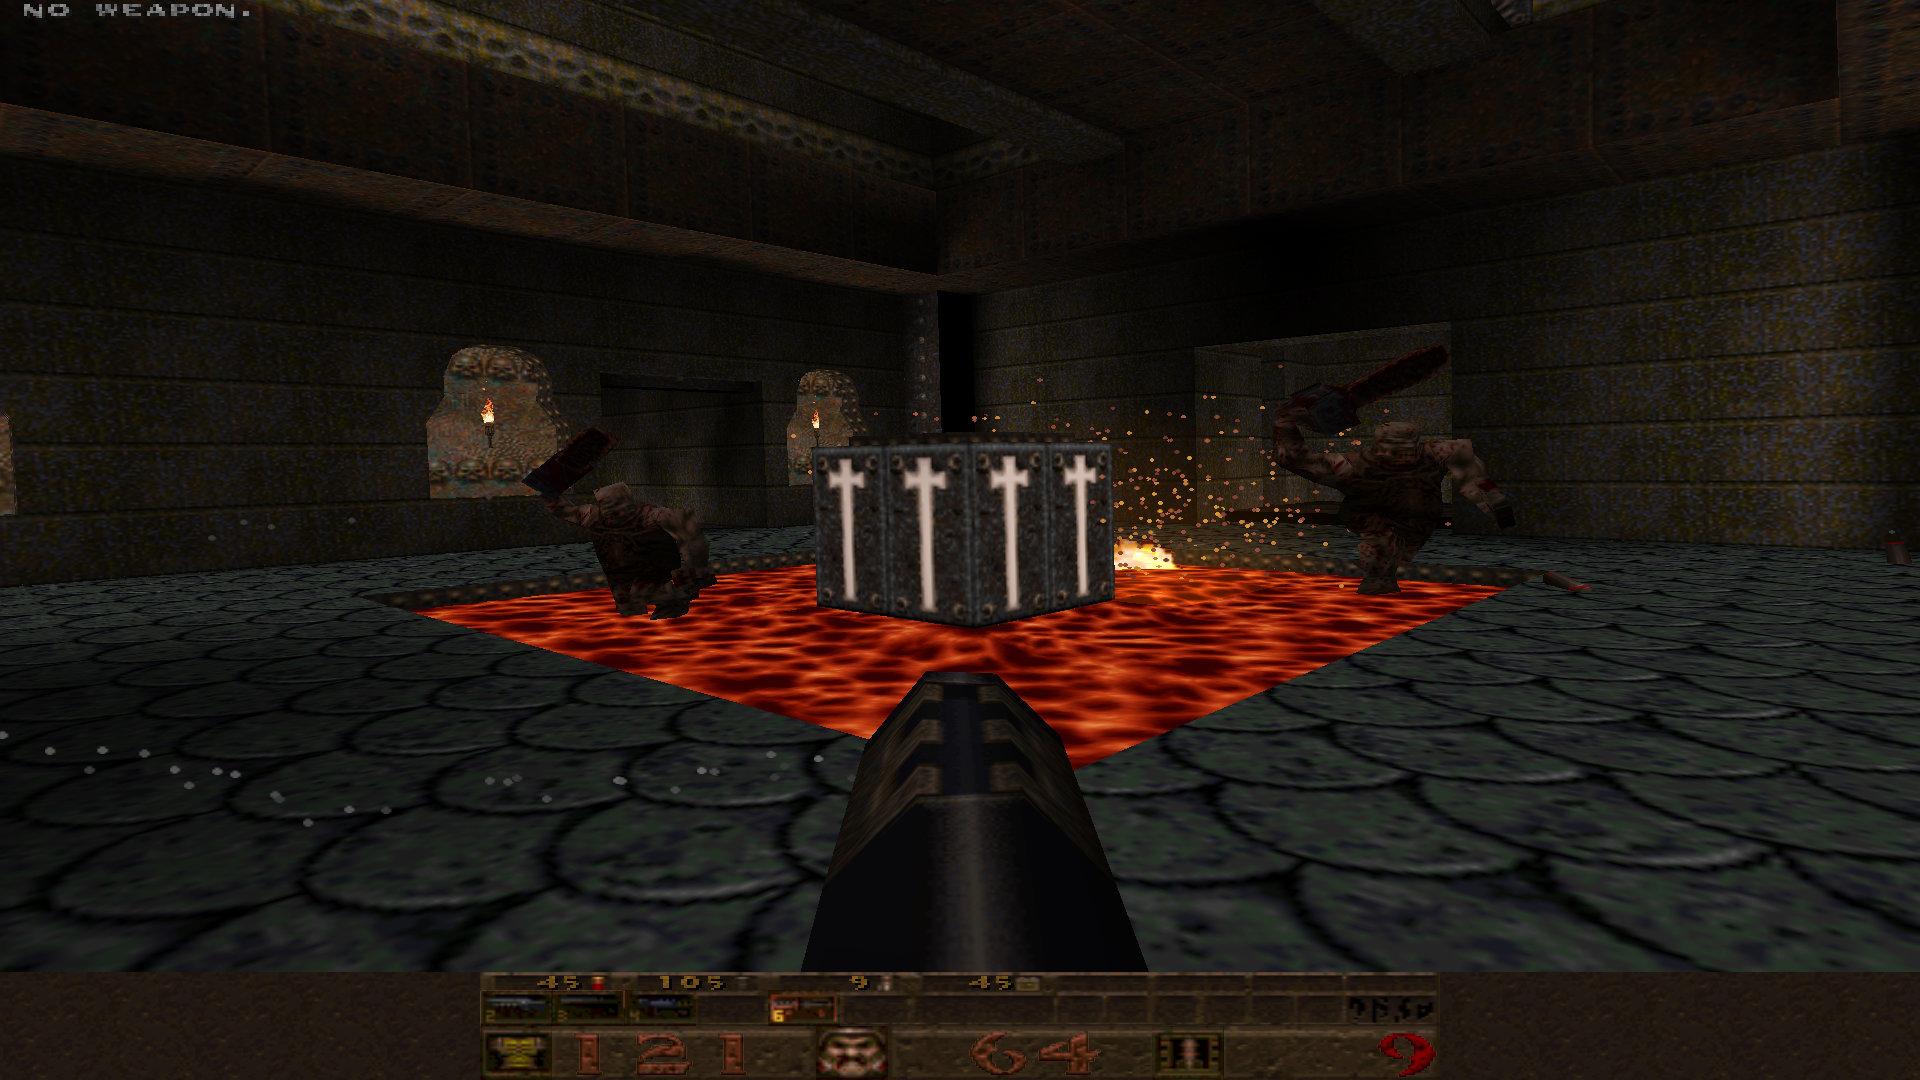 Quake: The Offering - Lutris